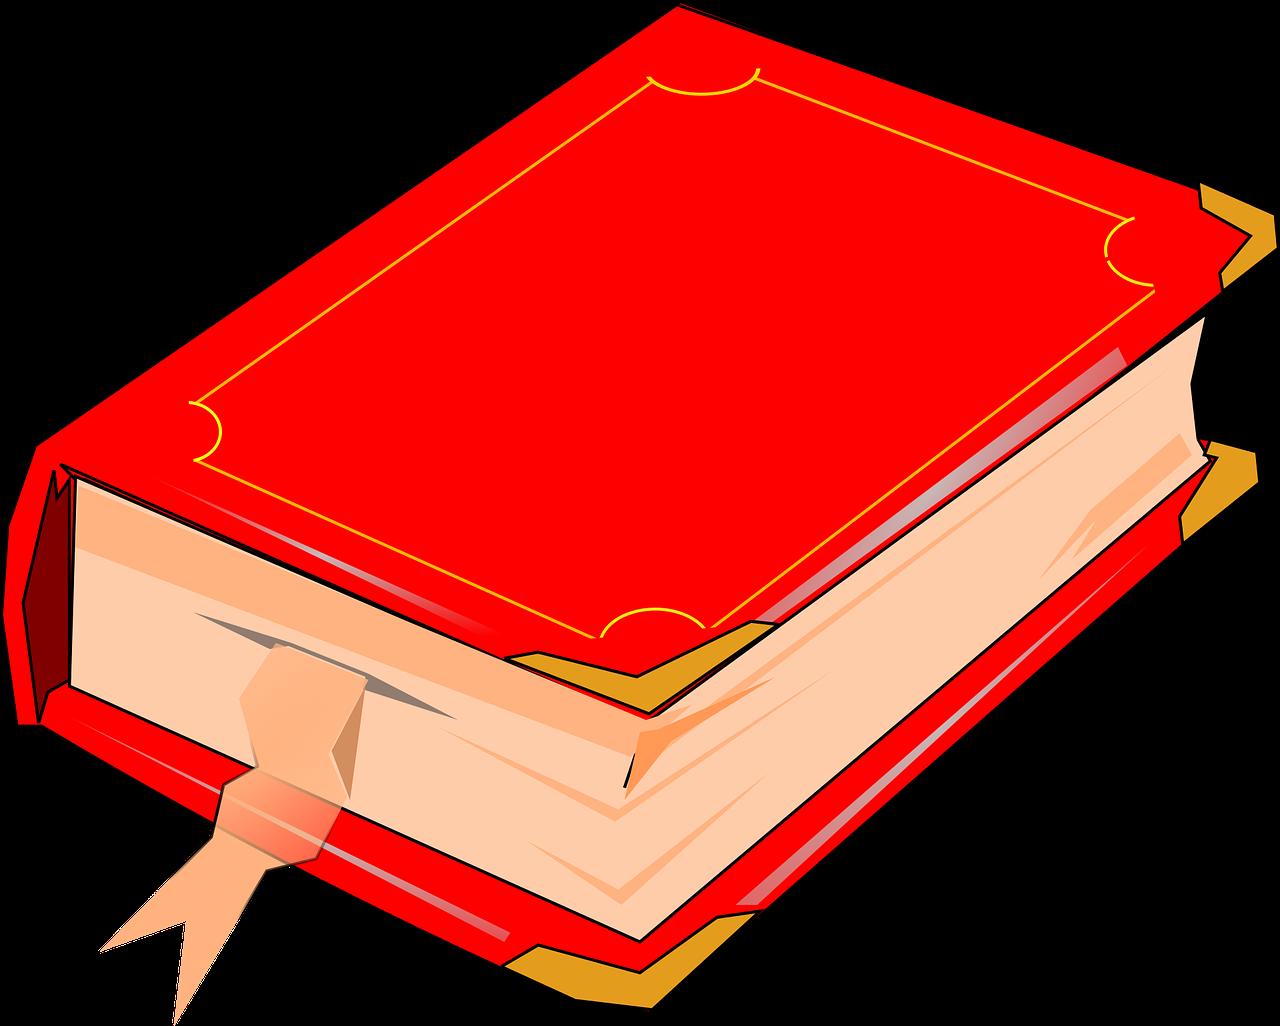 book-2028193_1280